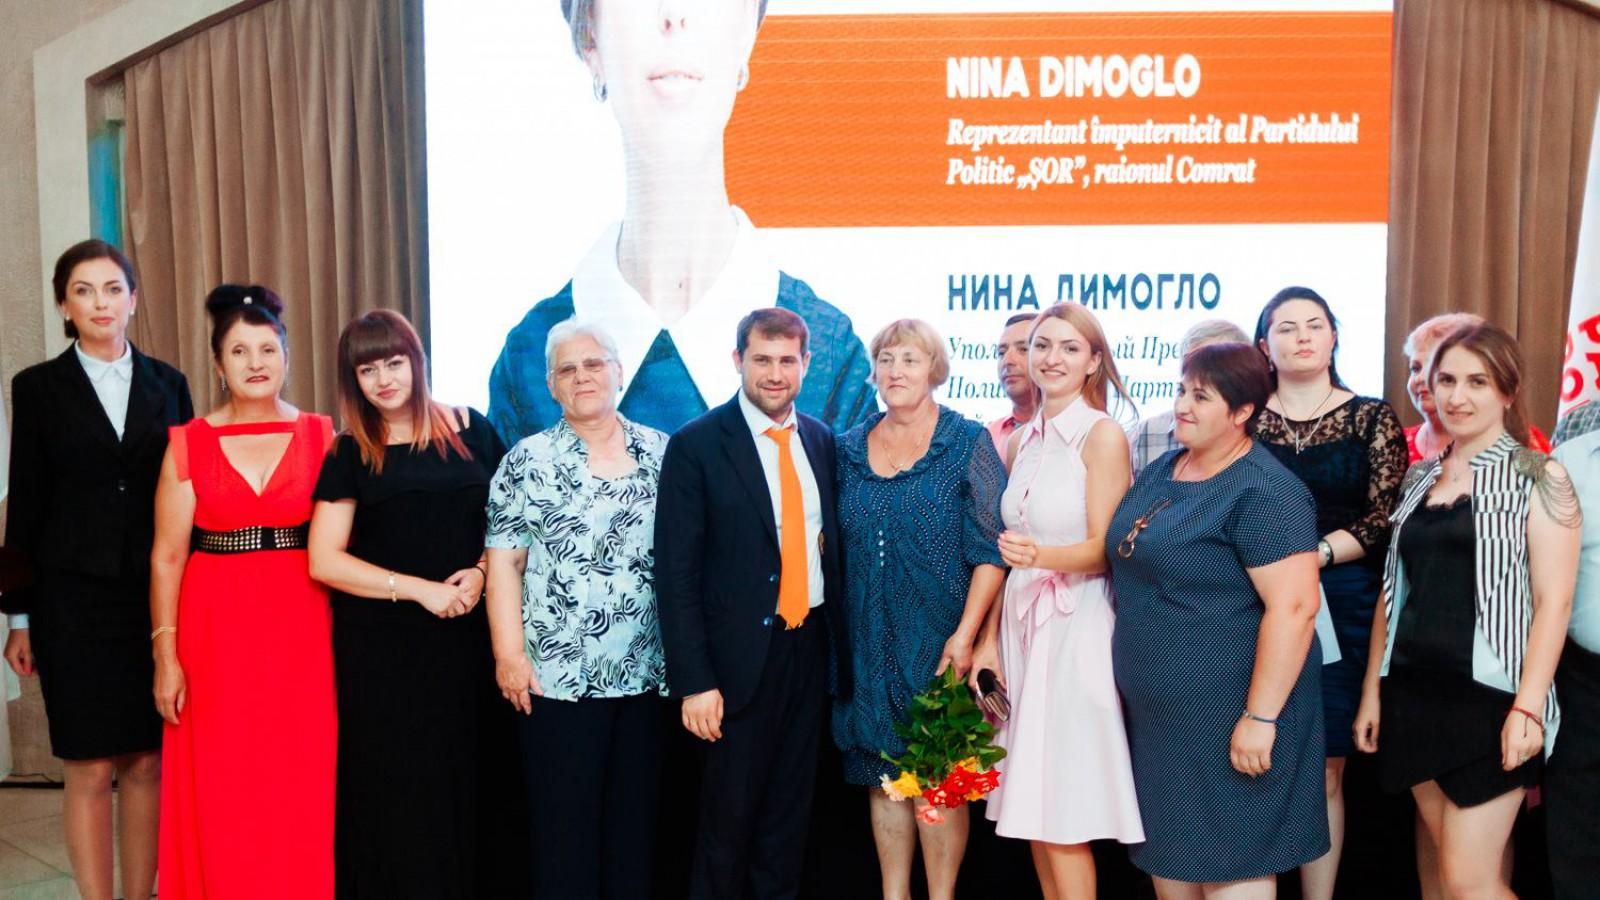 Veaceslav Lupov și Nina Dimoglo, reprezentanți împuterniciți în Taraclia și Comrat